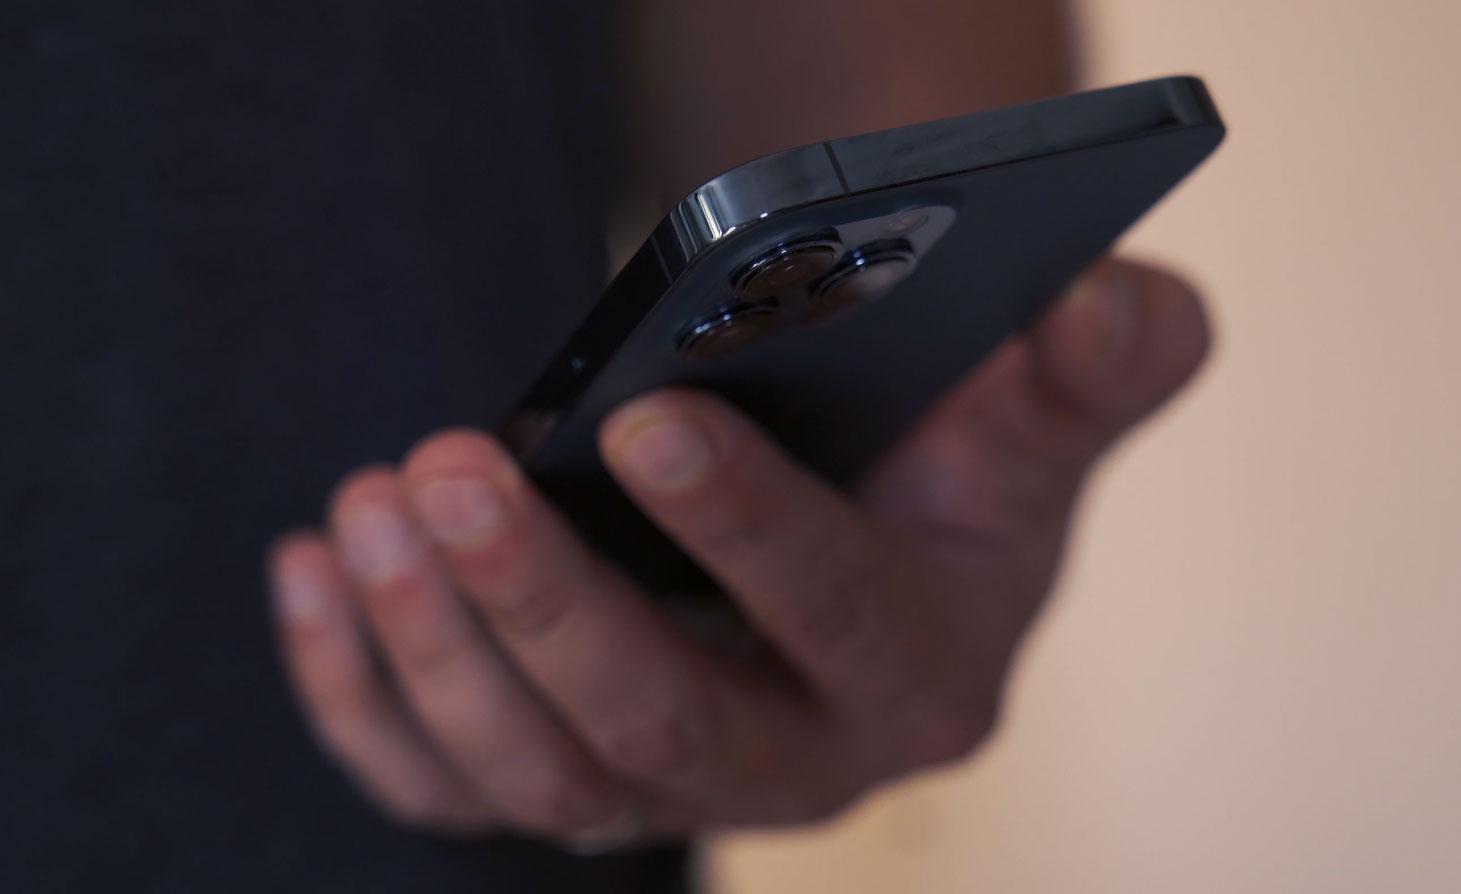 L'acier inoxydable rend le téléphone très résistant